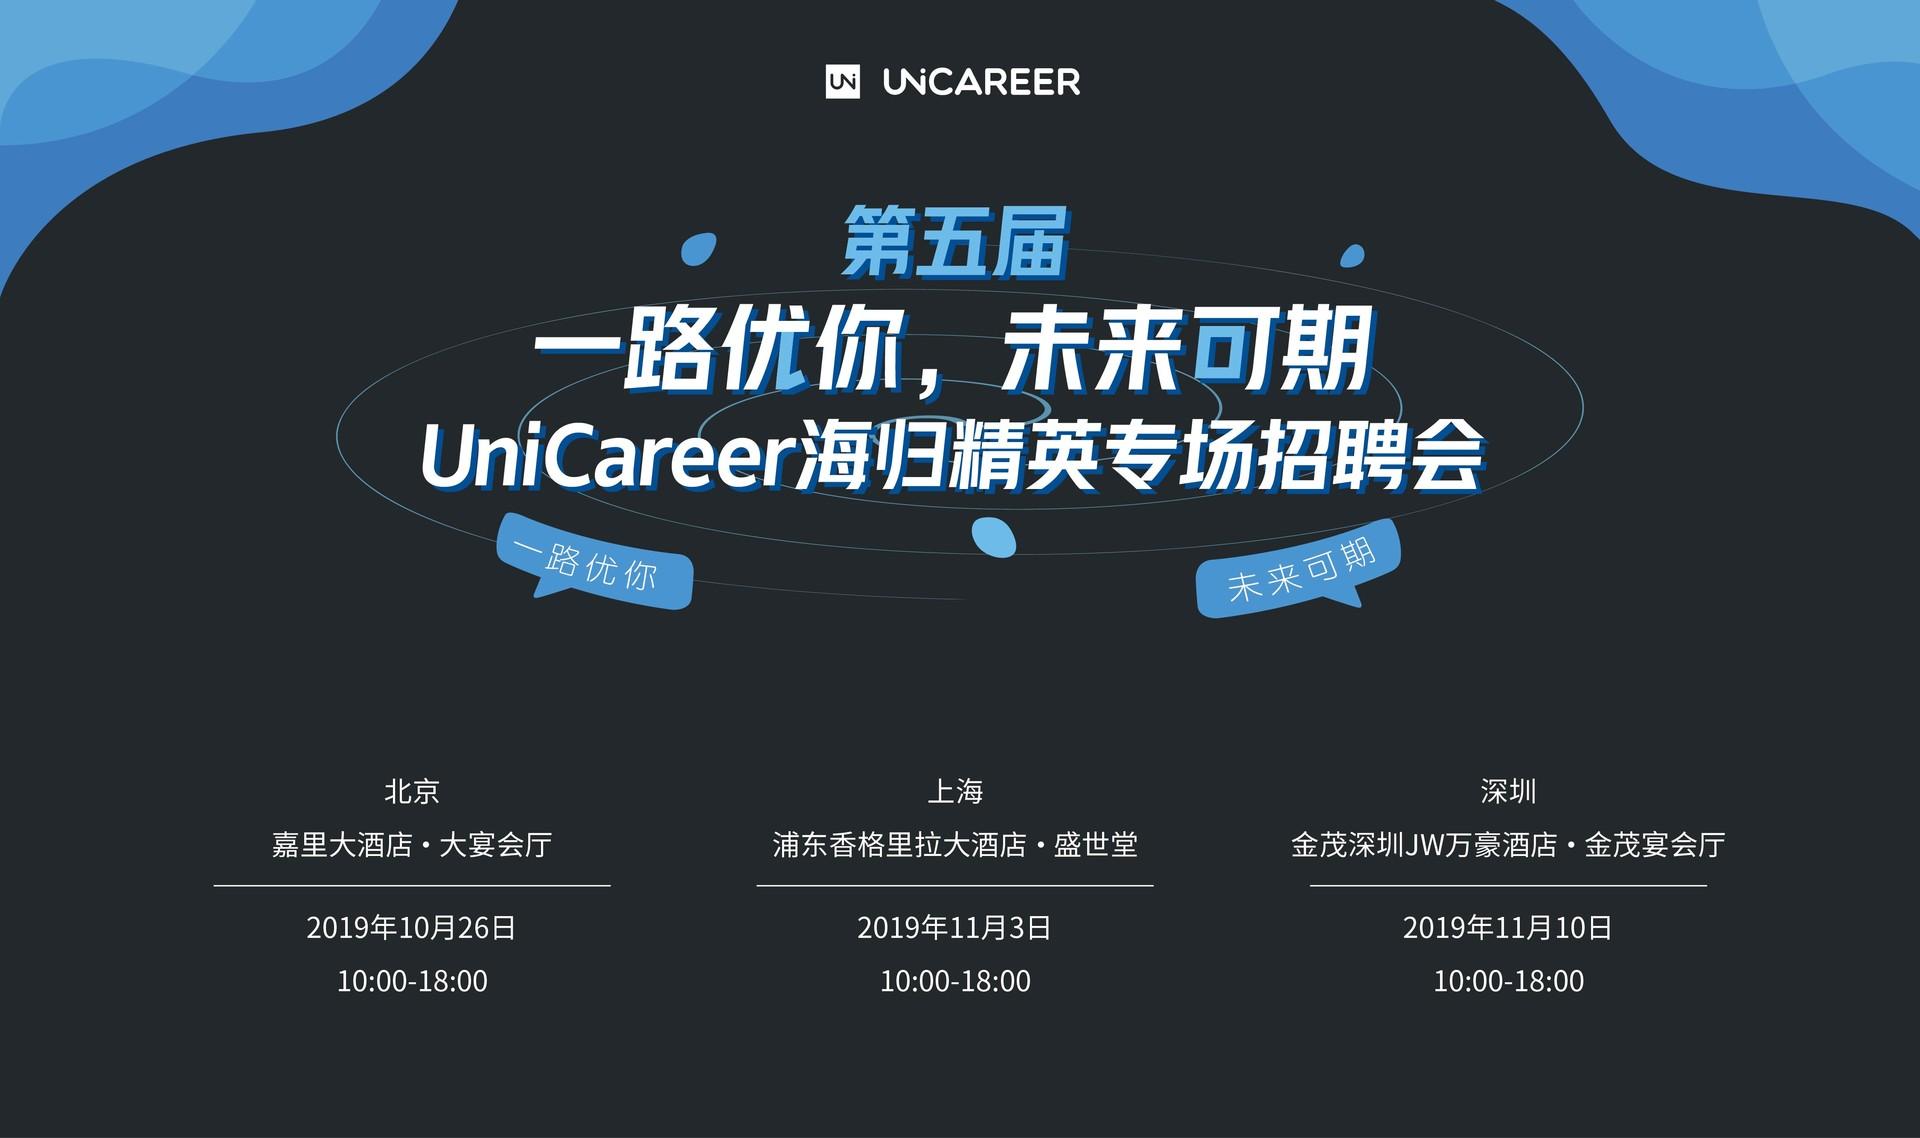 【一路优你,未来可期】2019秋季UniCareer海归精英招聘会